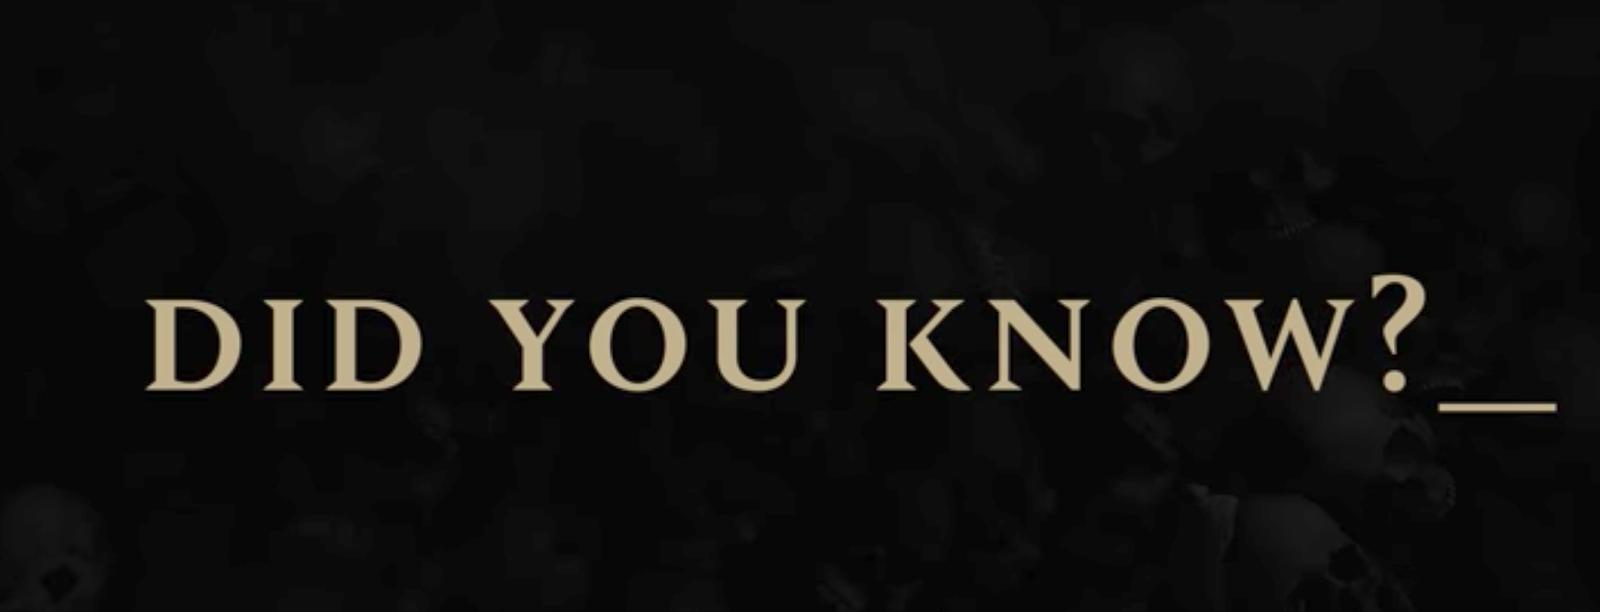 Warhammer 40,000 Dawn of War III publica consejos en forma de vídeos